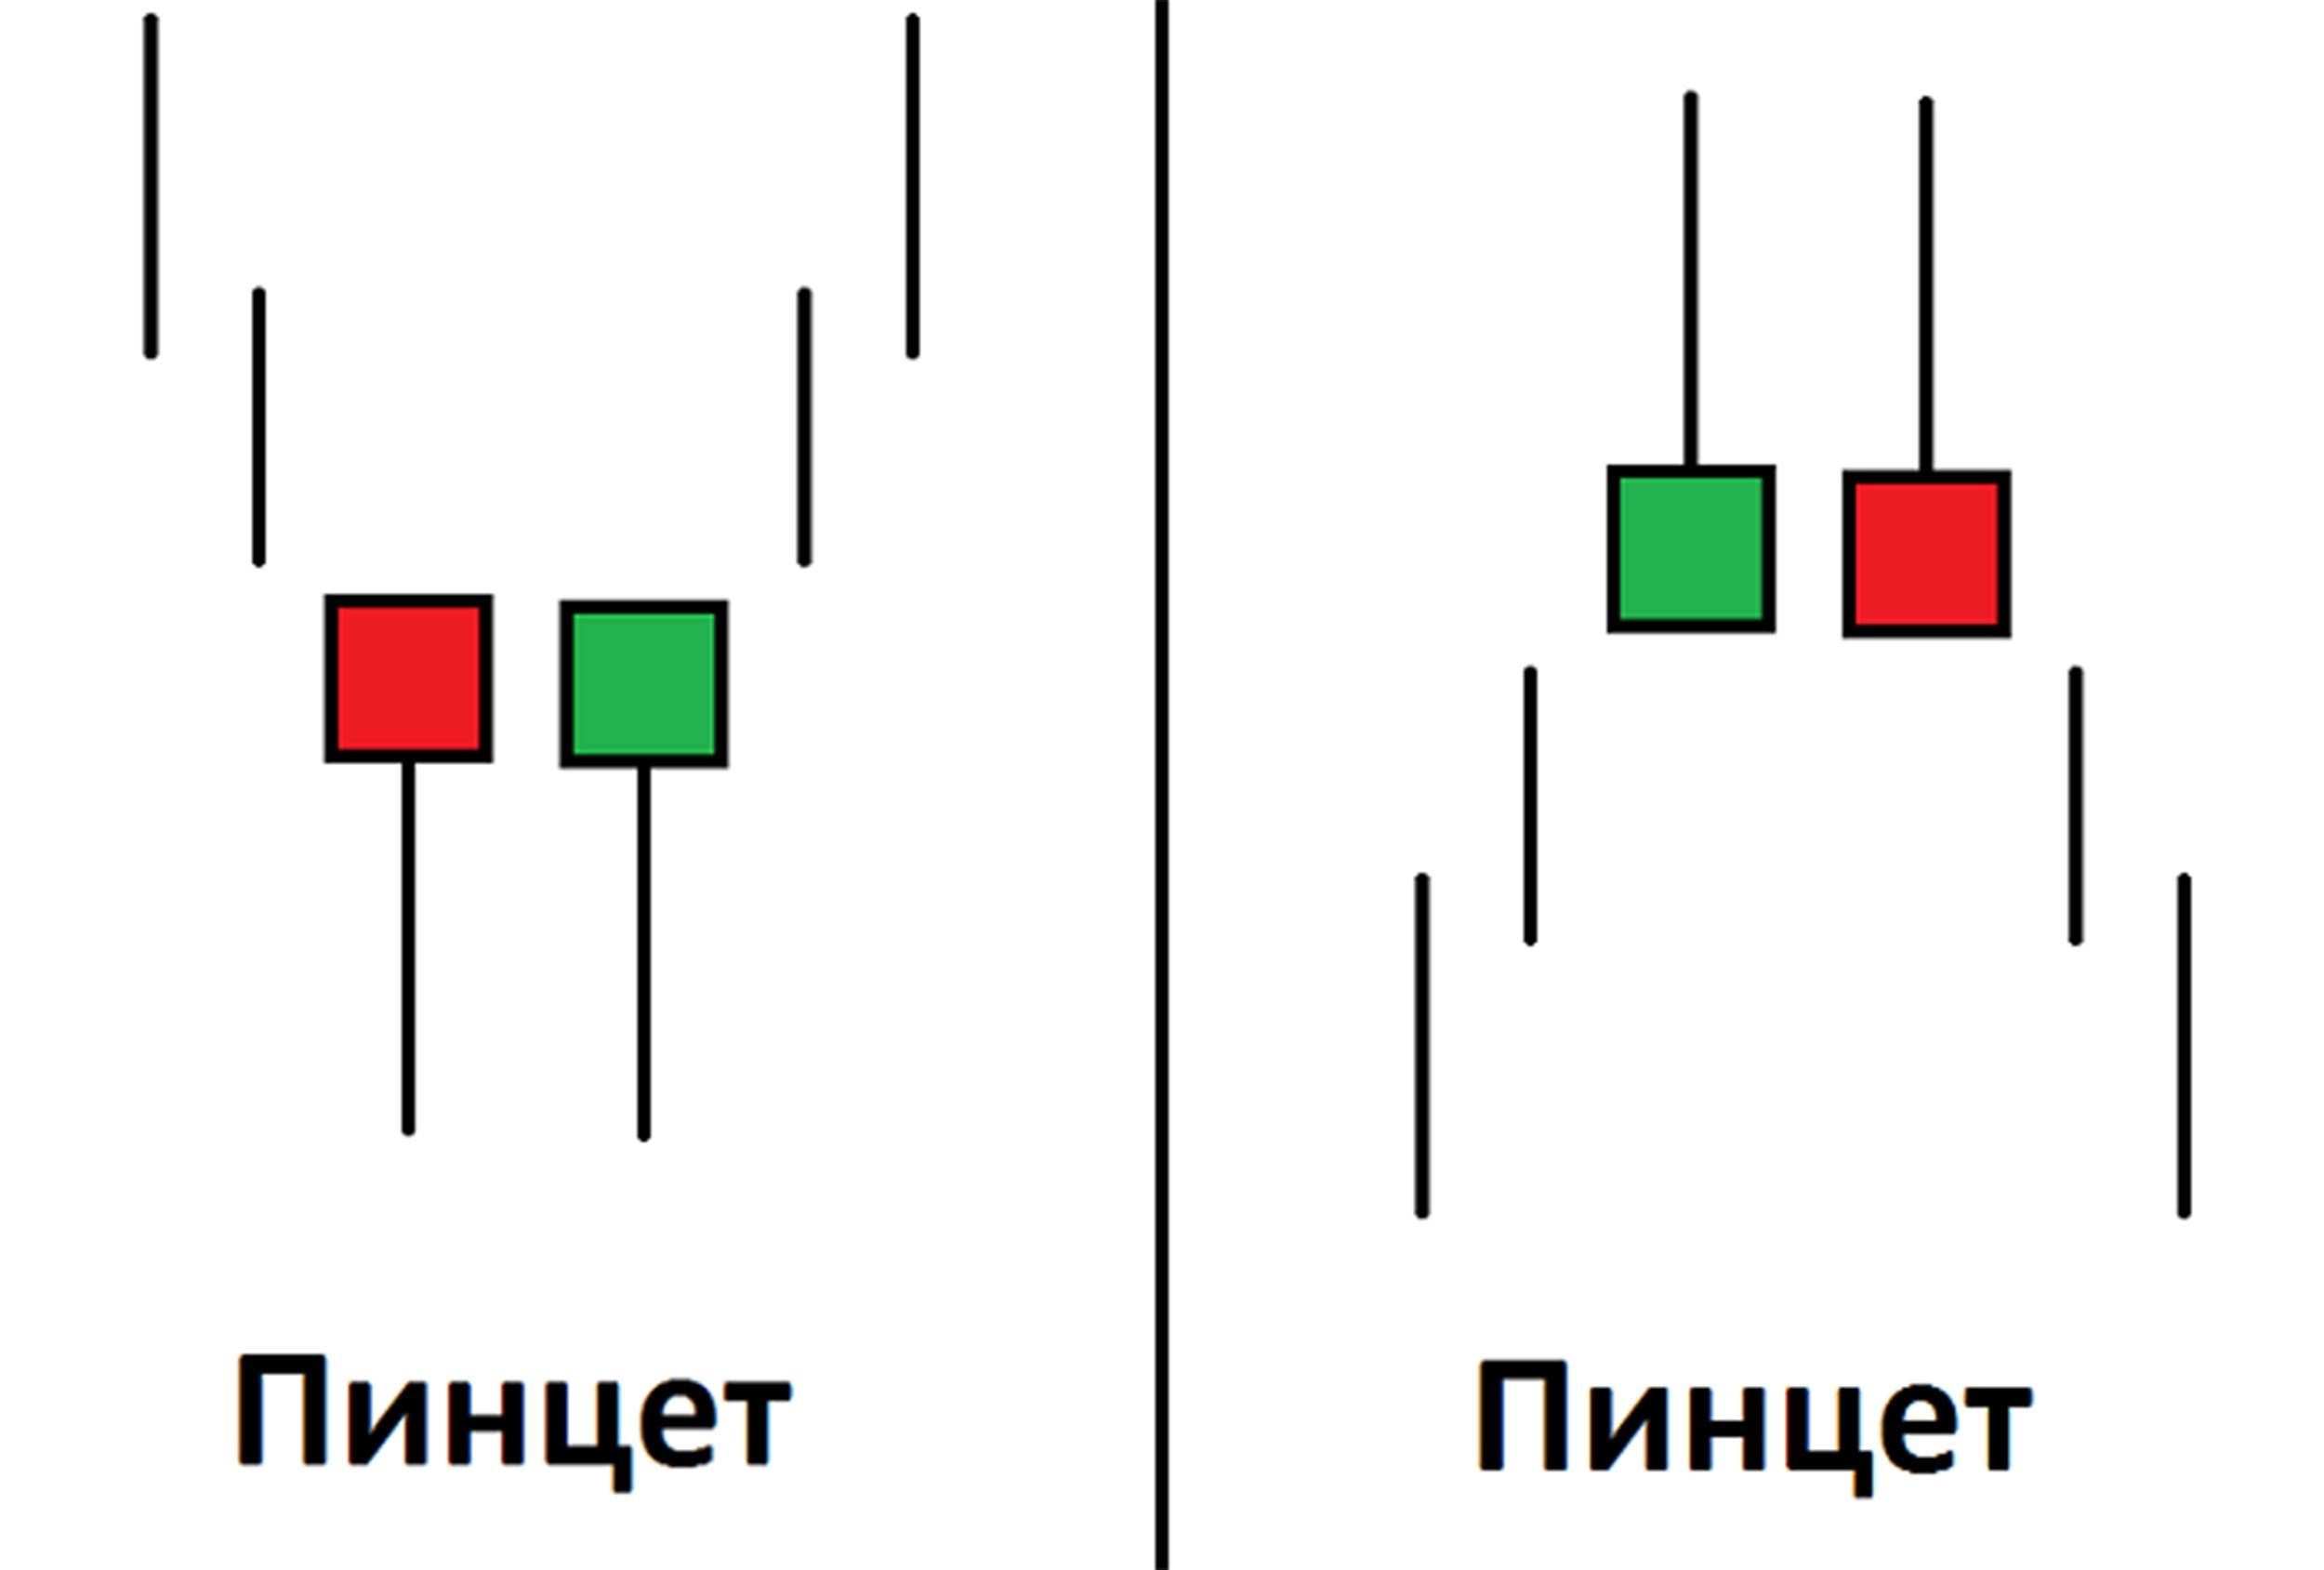 Исследование комбинационных схем